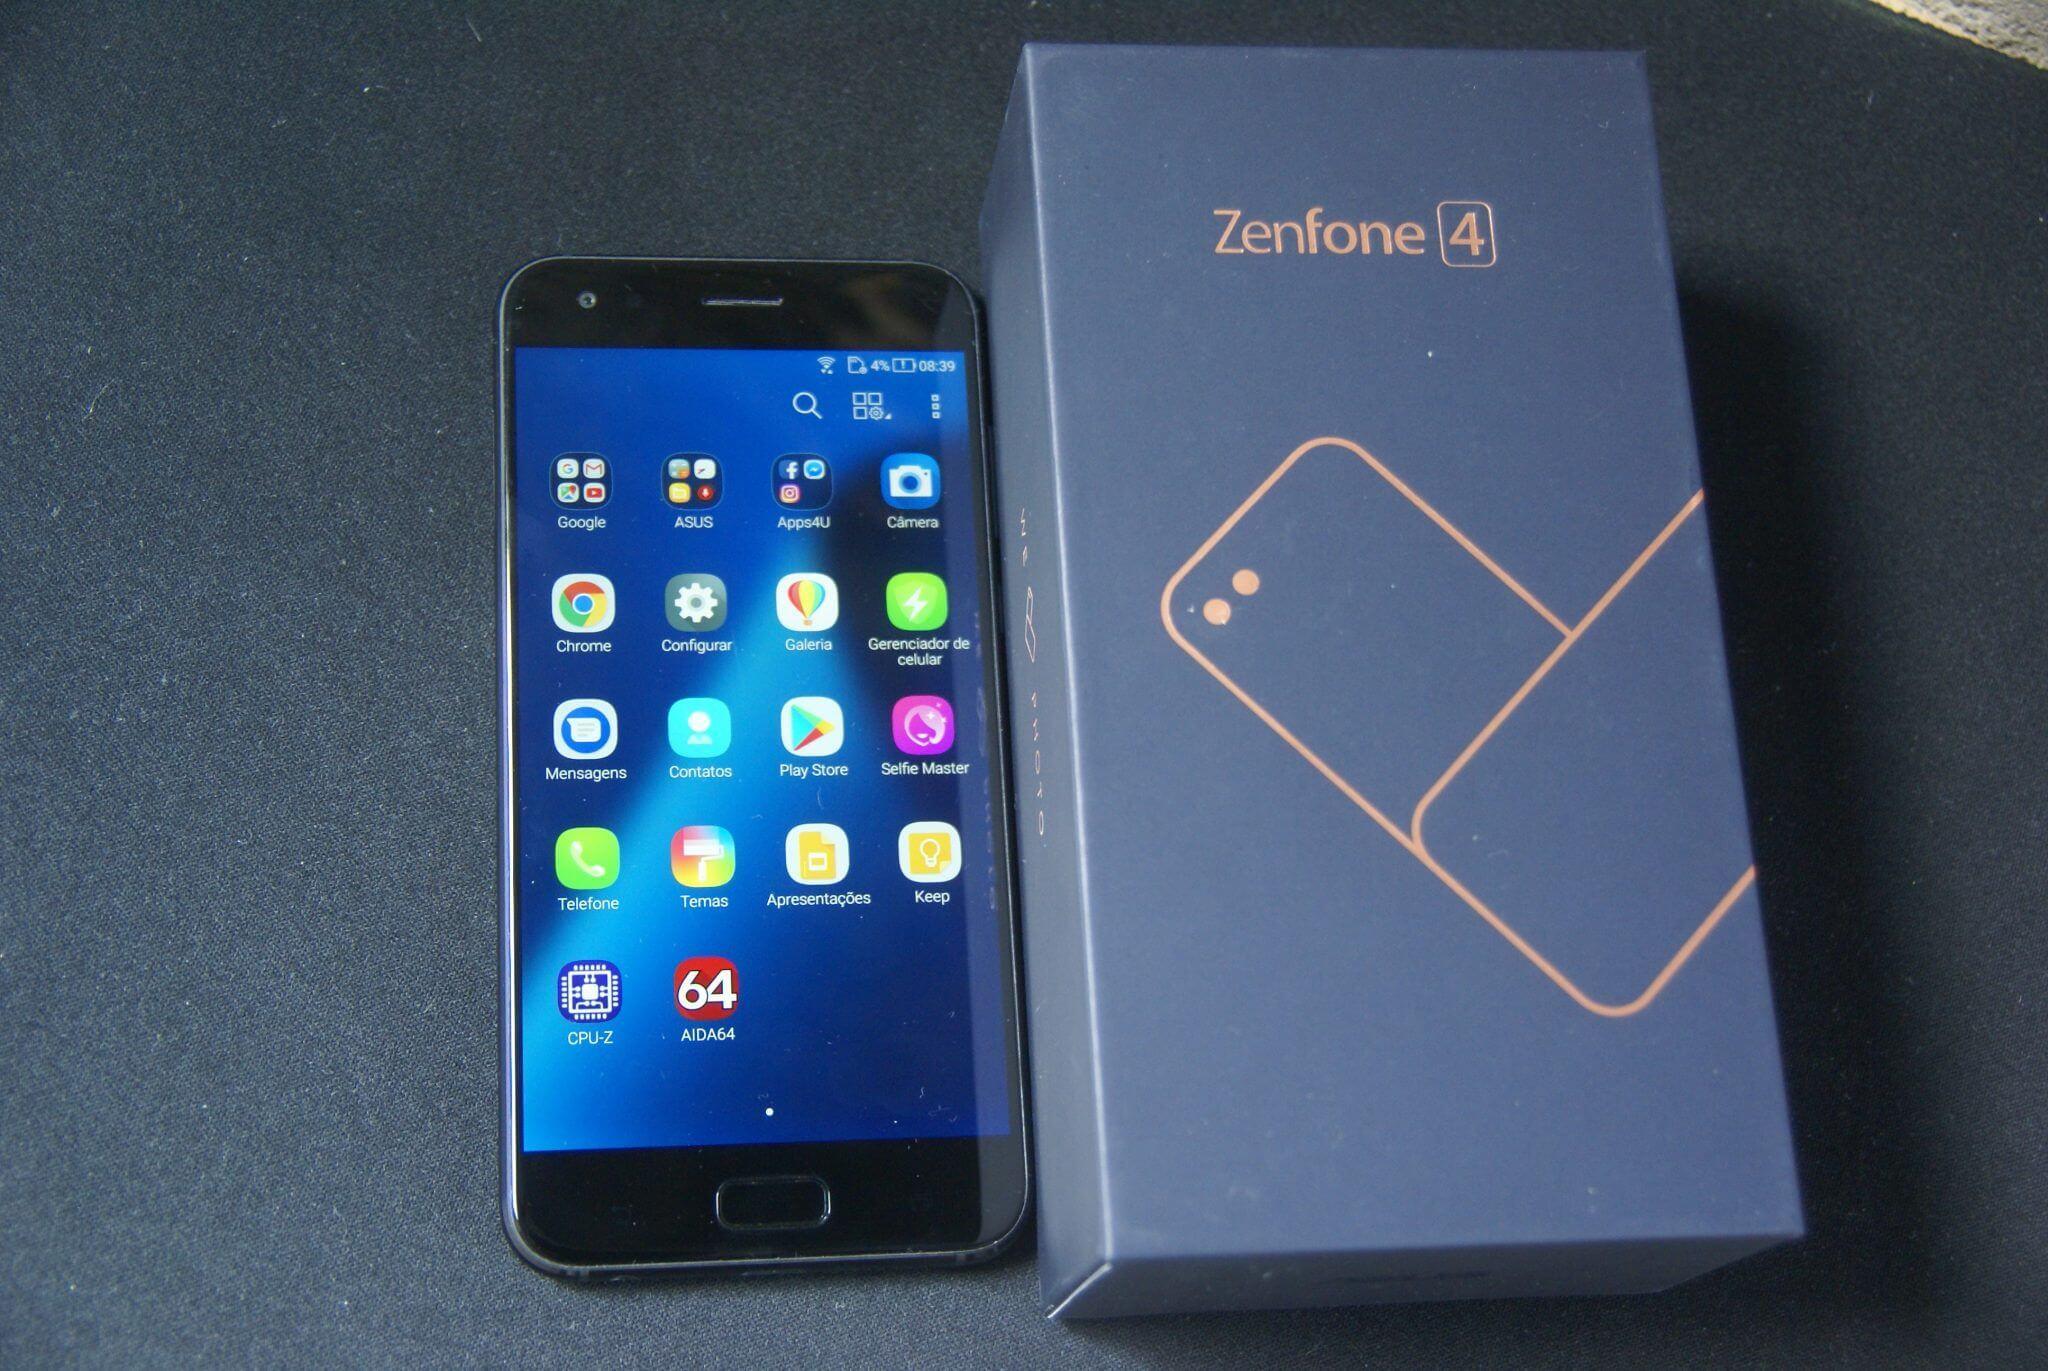 HANDS-ON: Primeiras impressões do Zenfone 4 6